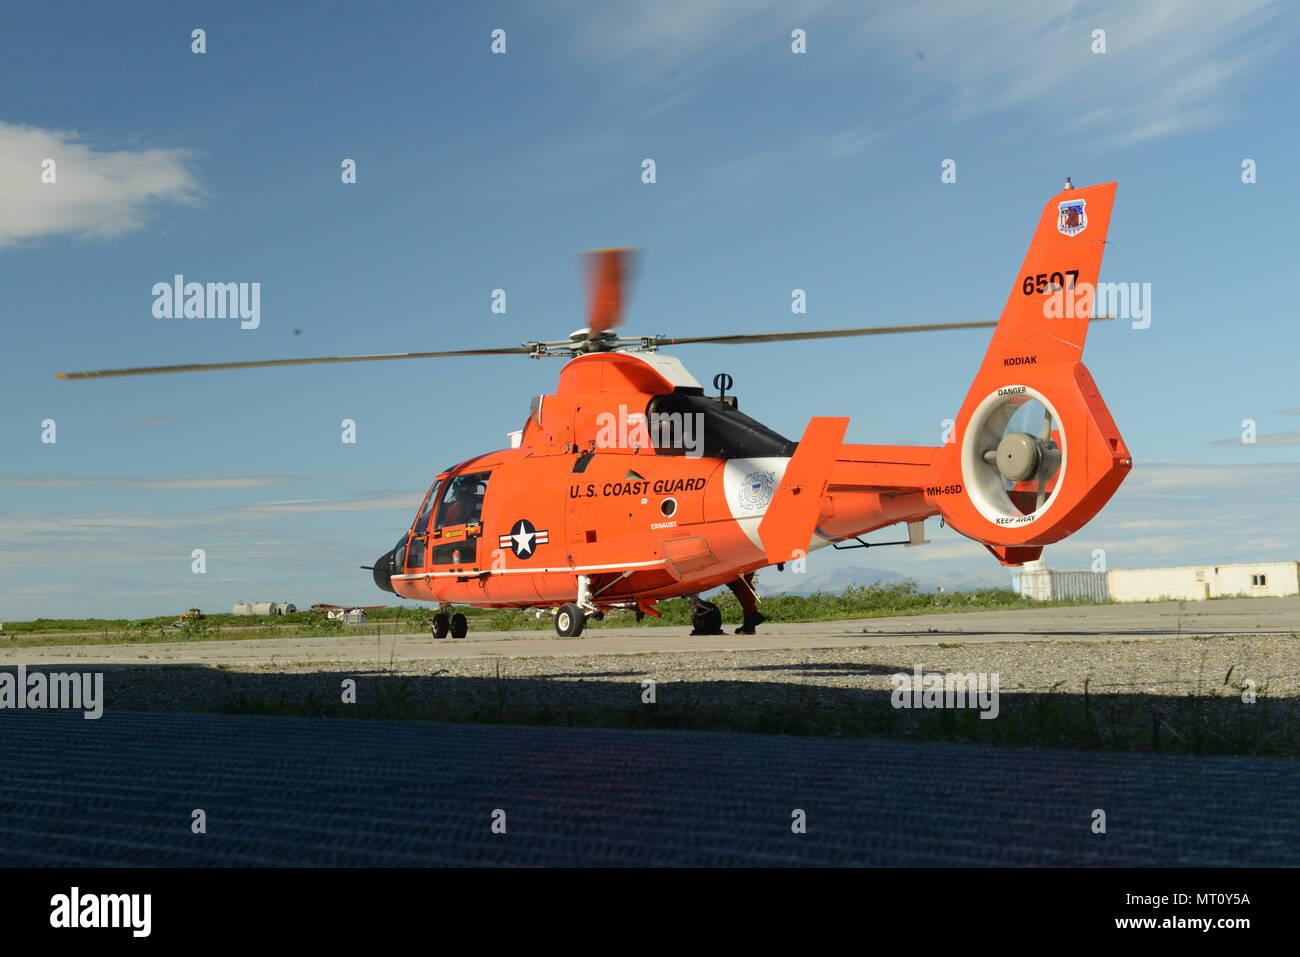 L Elicottero Posizione : Una guardia costiera stazione aria kodiak mh elicottero